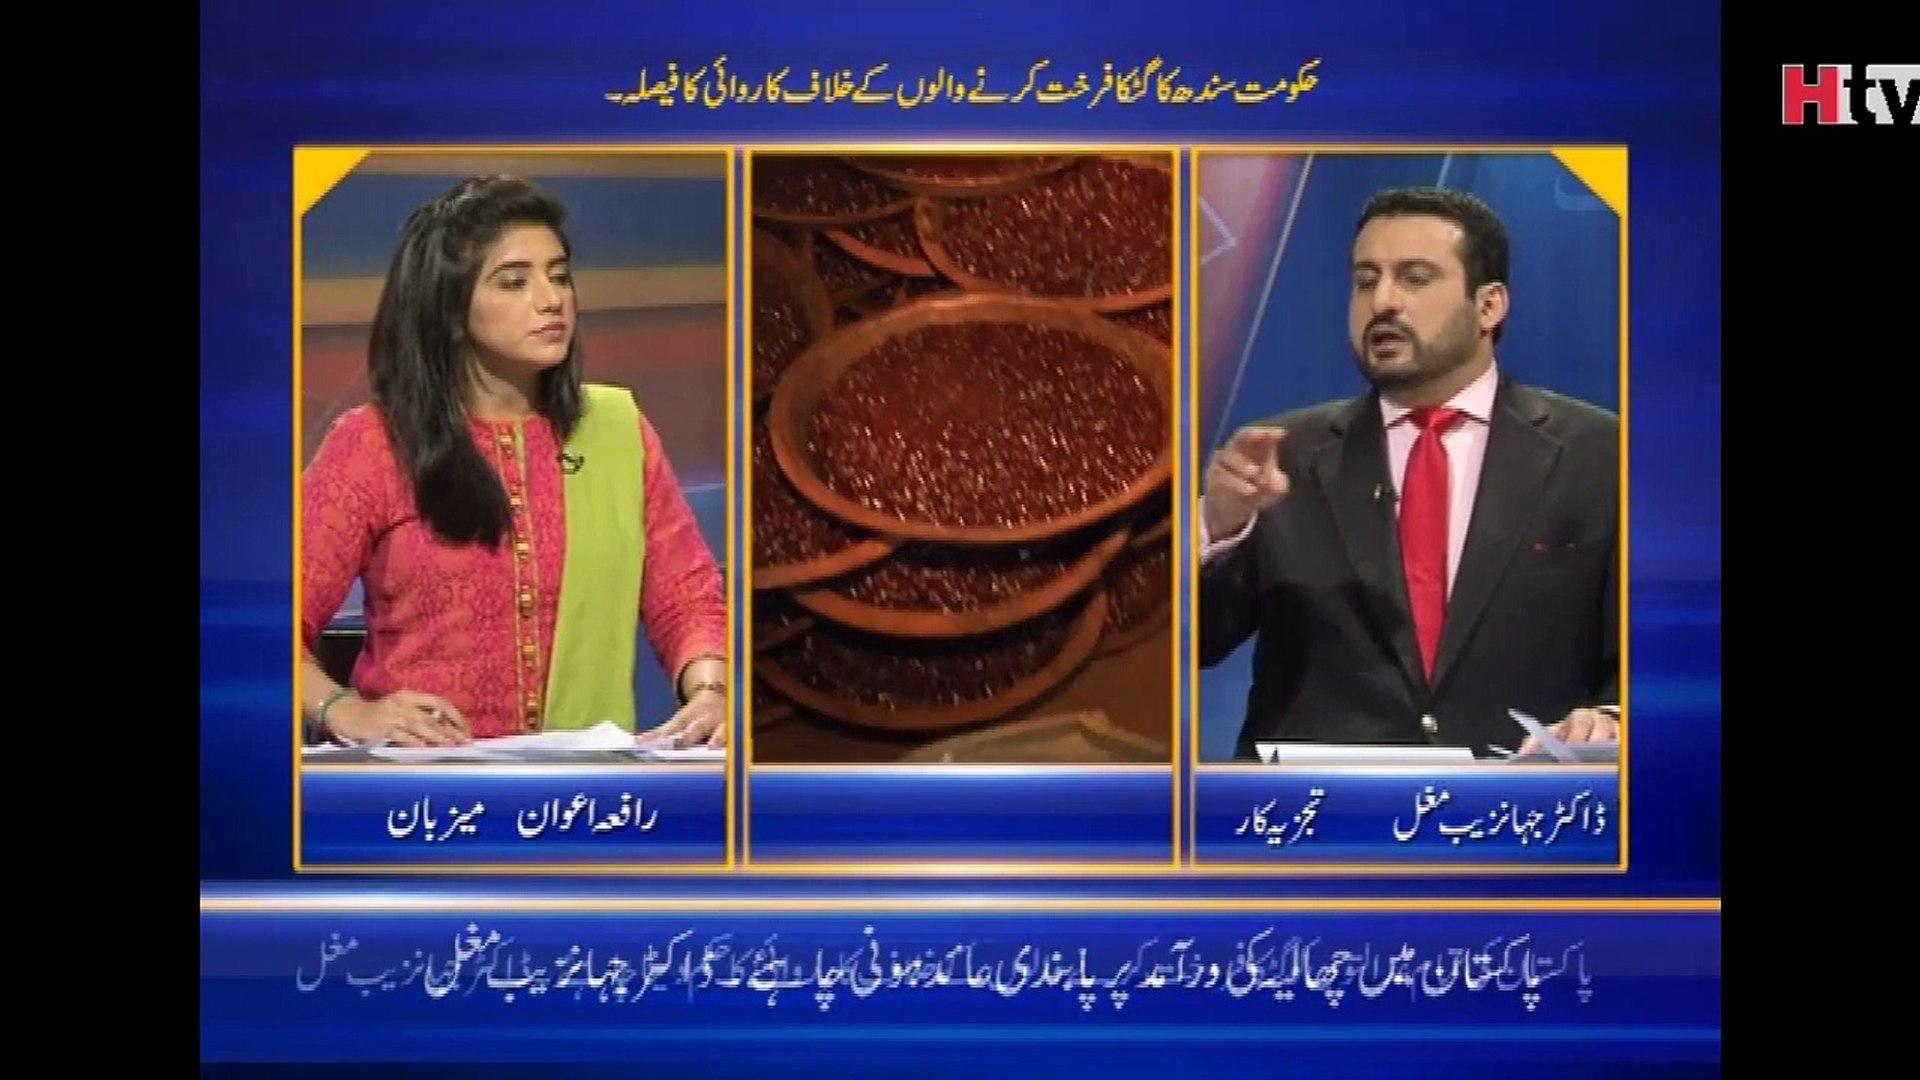 Sehat Agenda - Gutka In Sindh - HTV